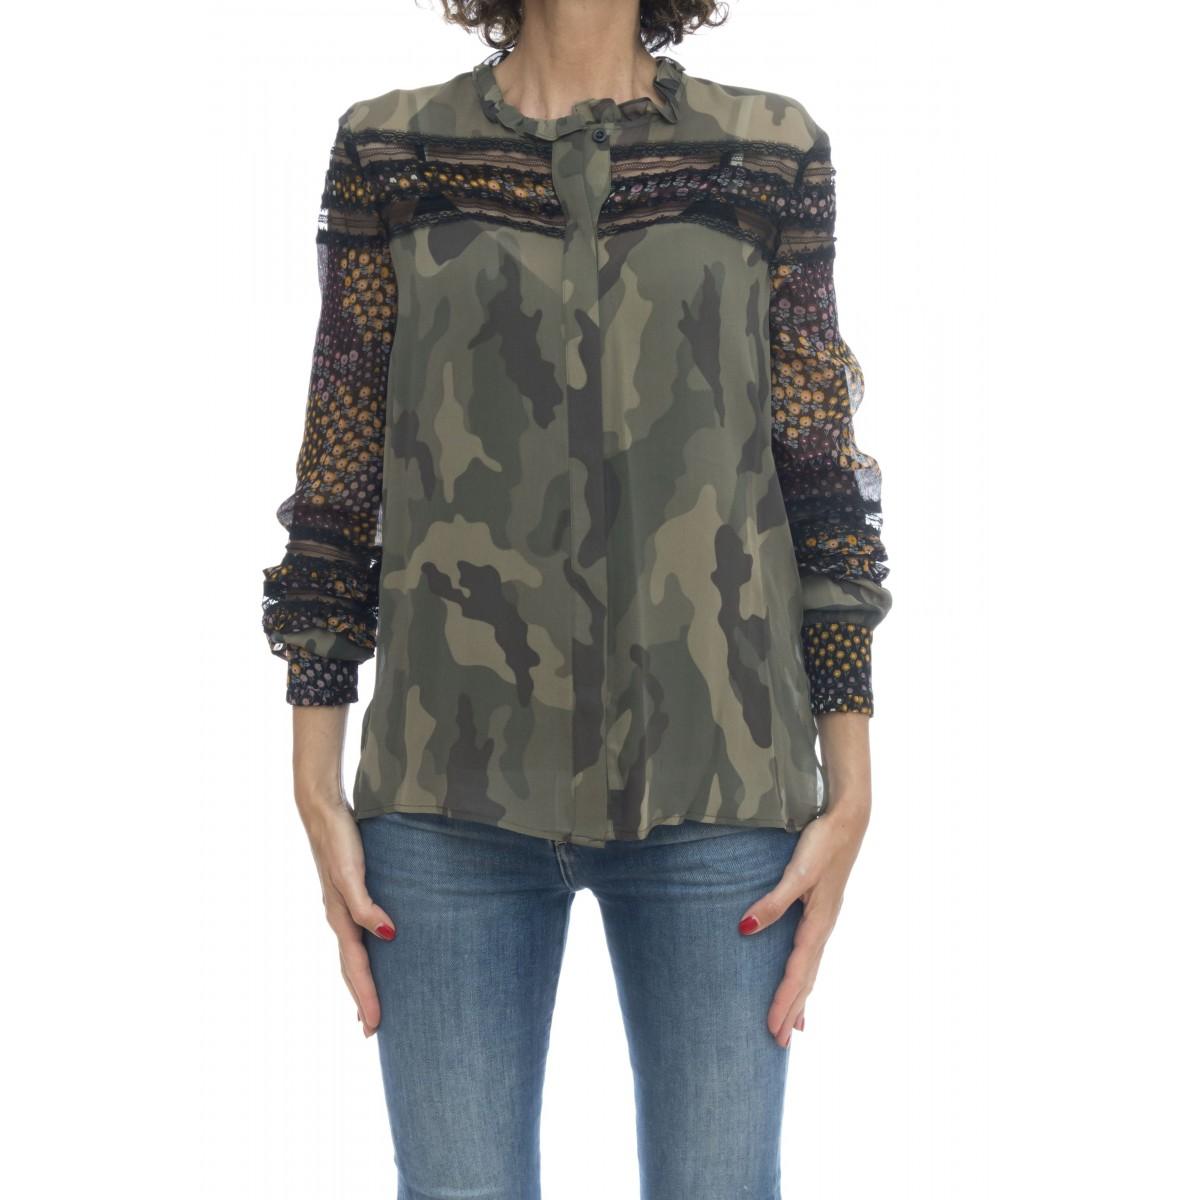 Camicia donna - Tt2123 camicia camu